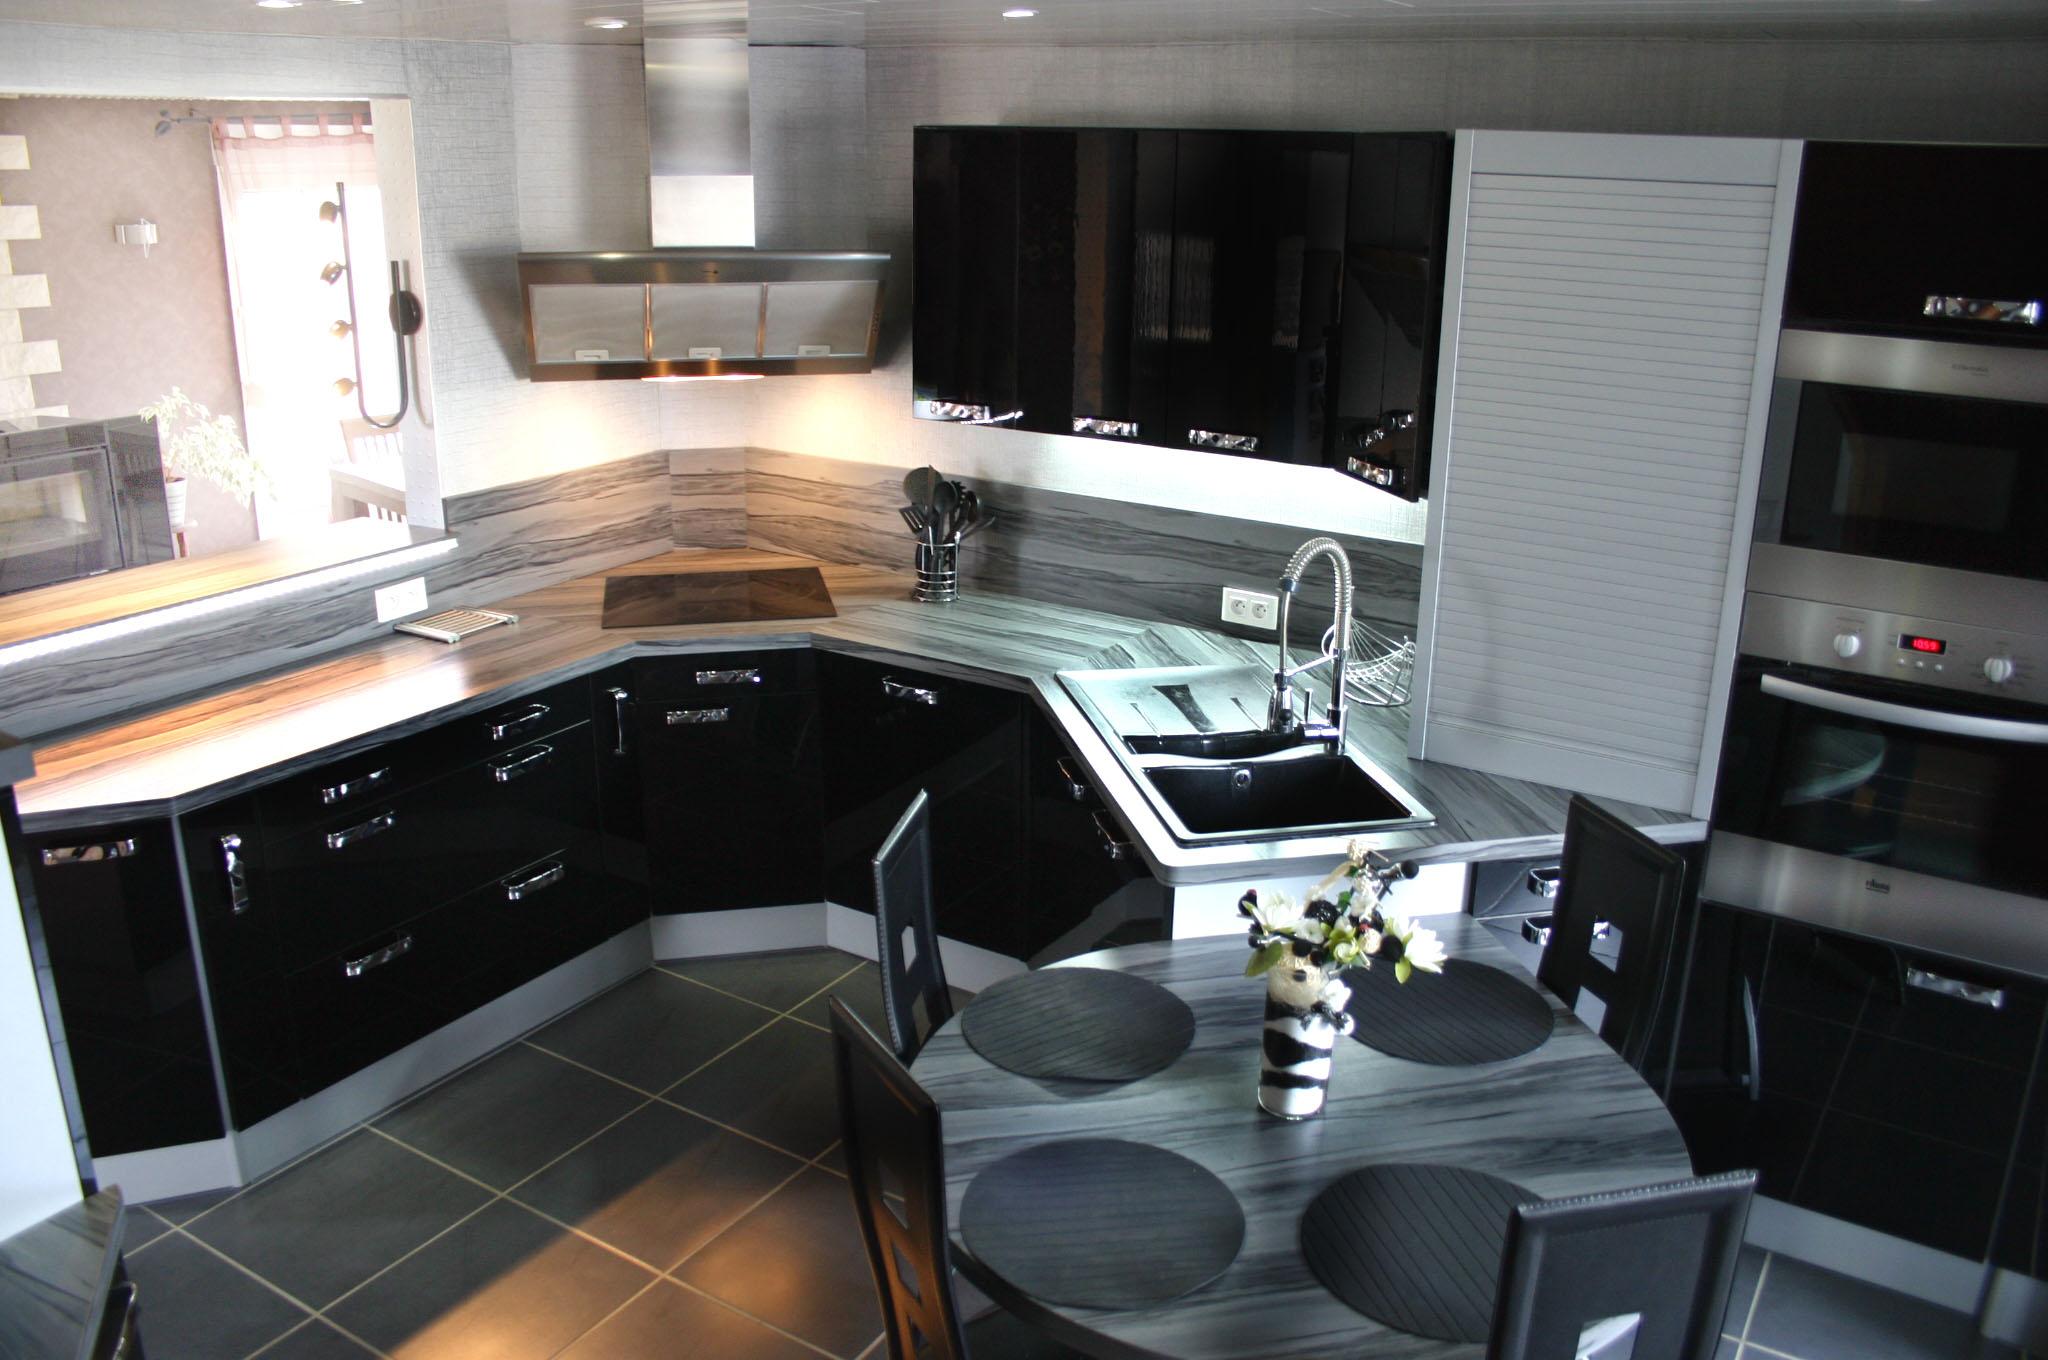 Cuisine Laquée Grise cuisine laquée noire par meubles jem - jemleblog